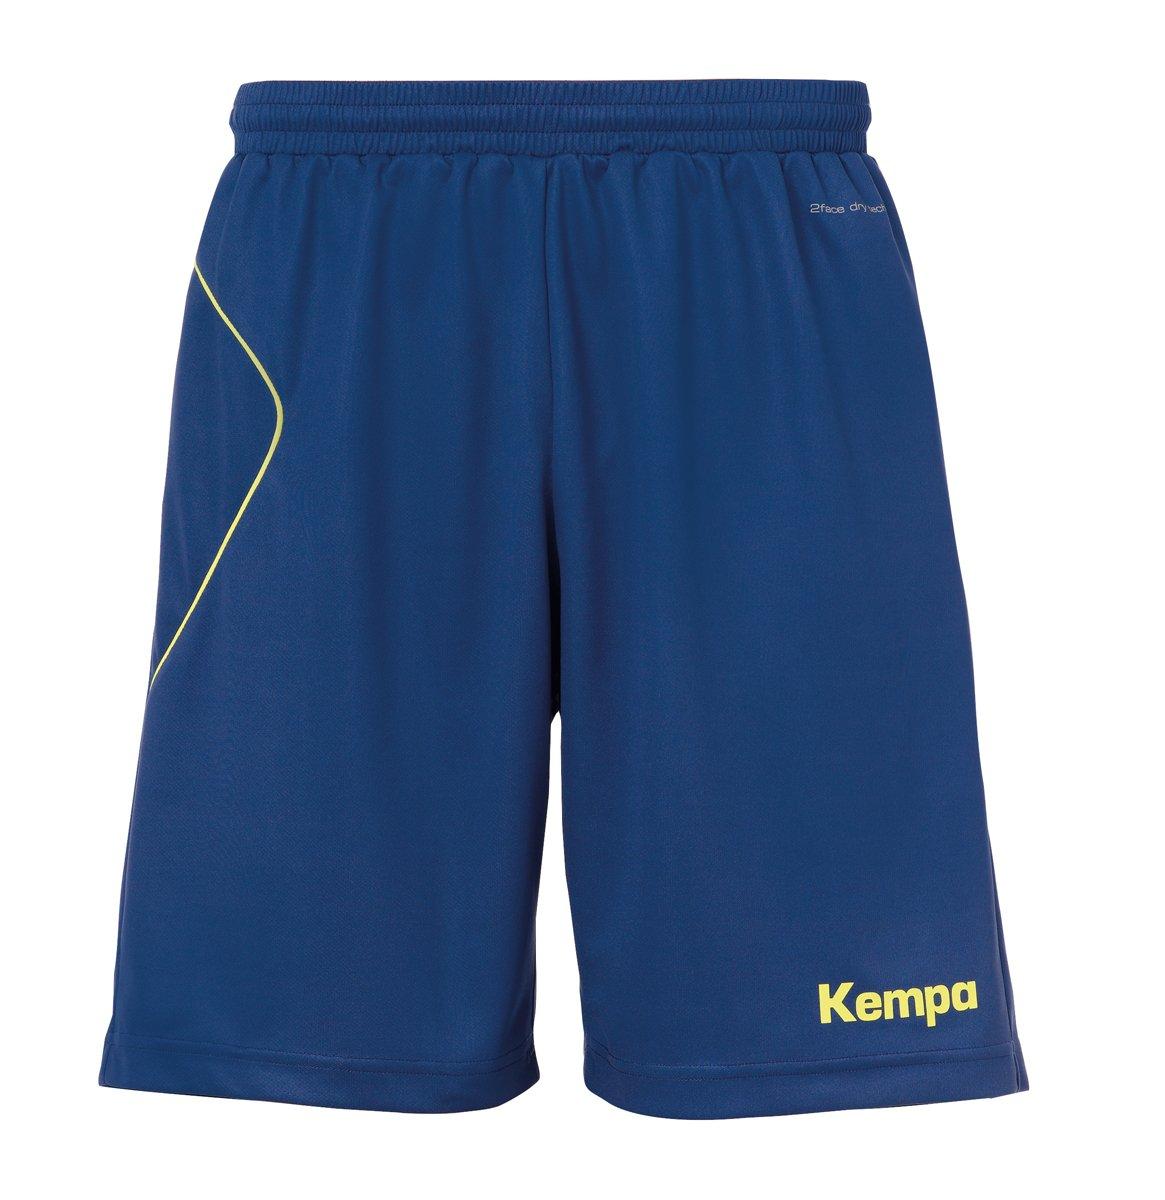 Kempa Curve Short de Juego, Hombre